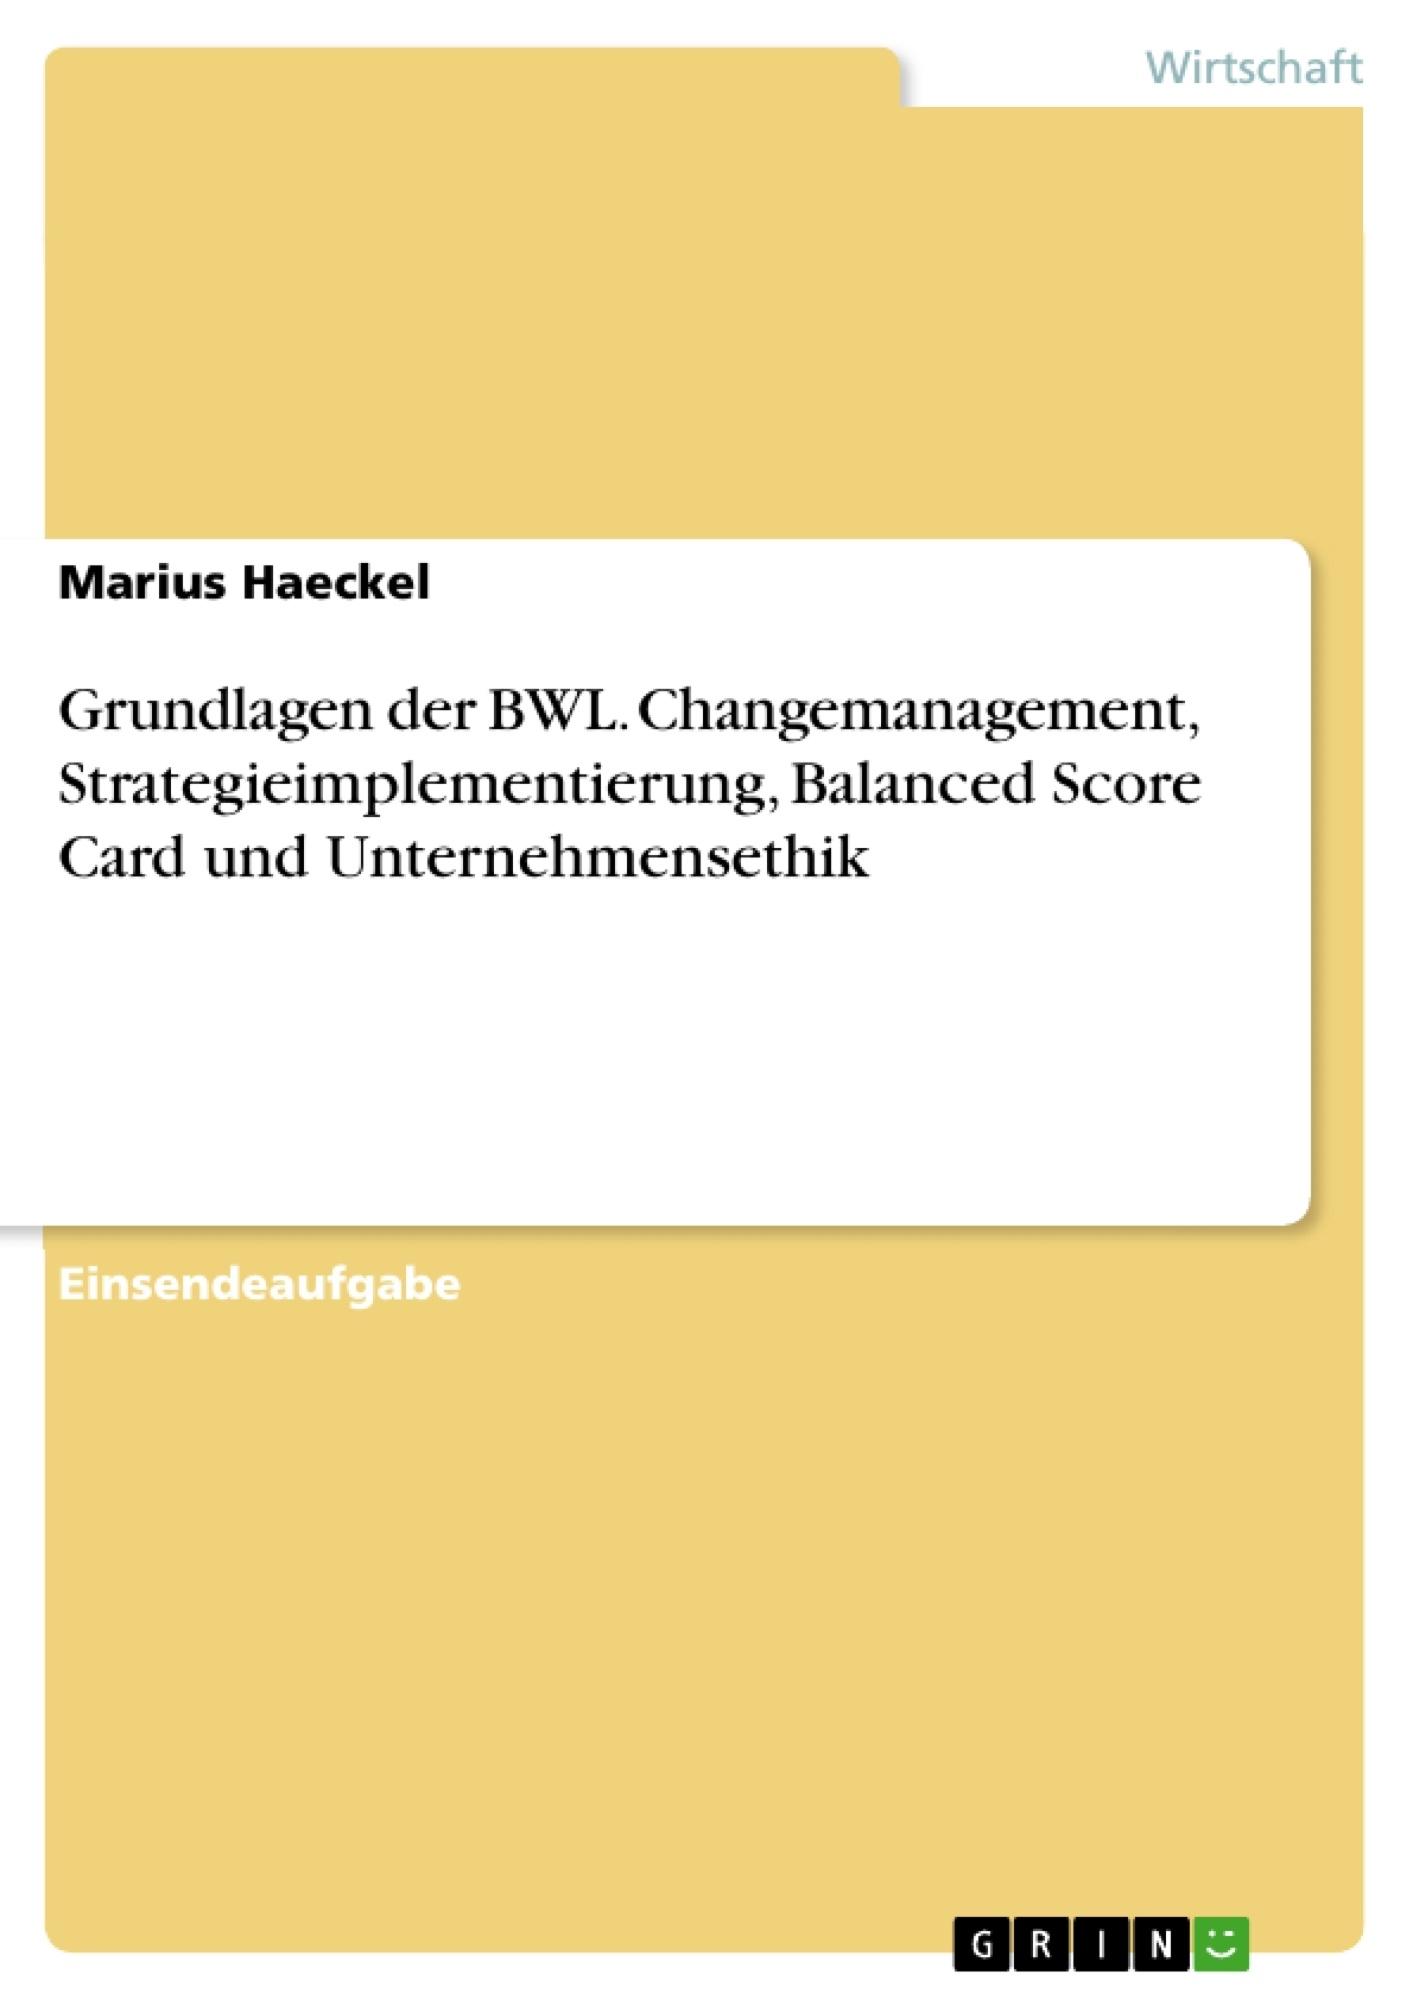 Titel: Grundlagen der BWL. Changemanagement, Strategieimplementierung, Balanced Score Card und Unternehmensethik